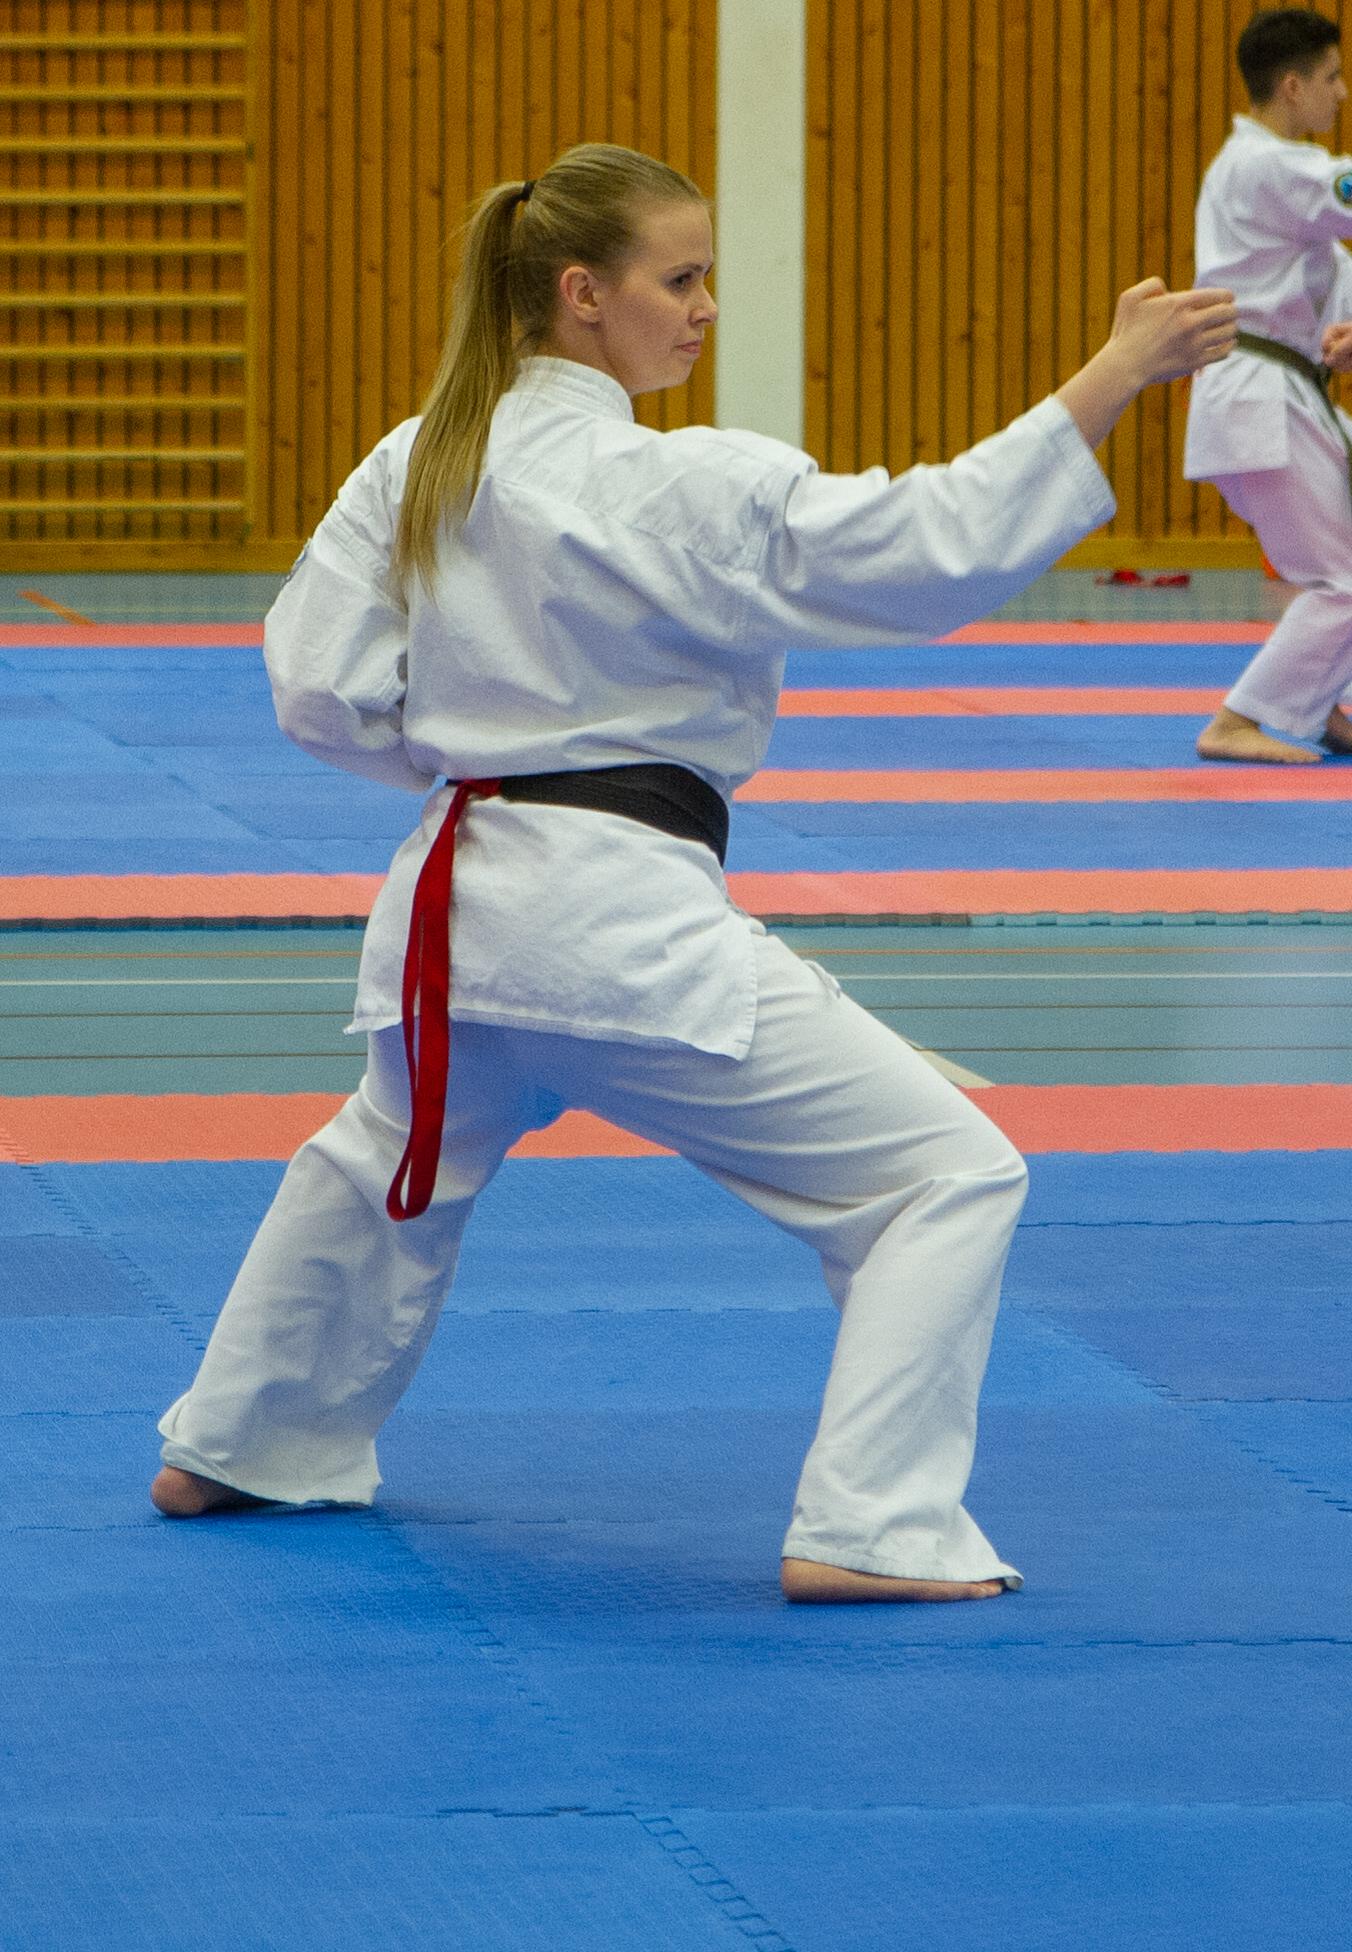 Katakonkurranse - Her ser vi et eksempel fra NM 2019, hvor Line går en meget bra kata.